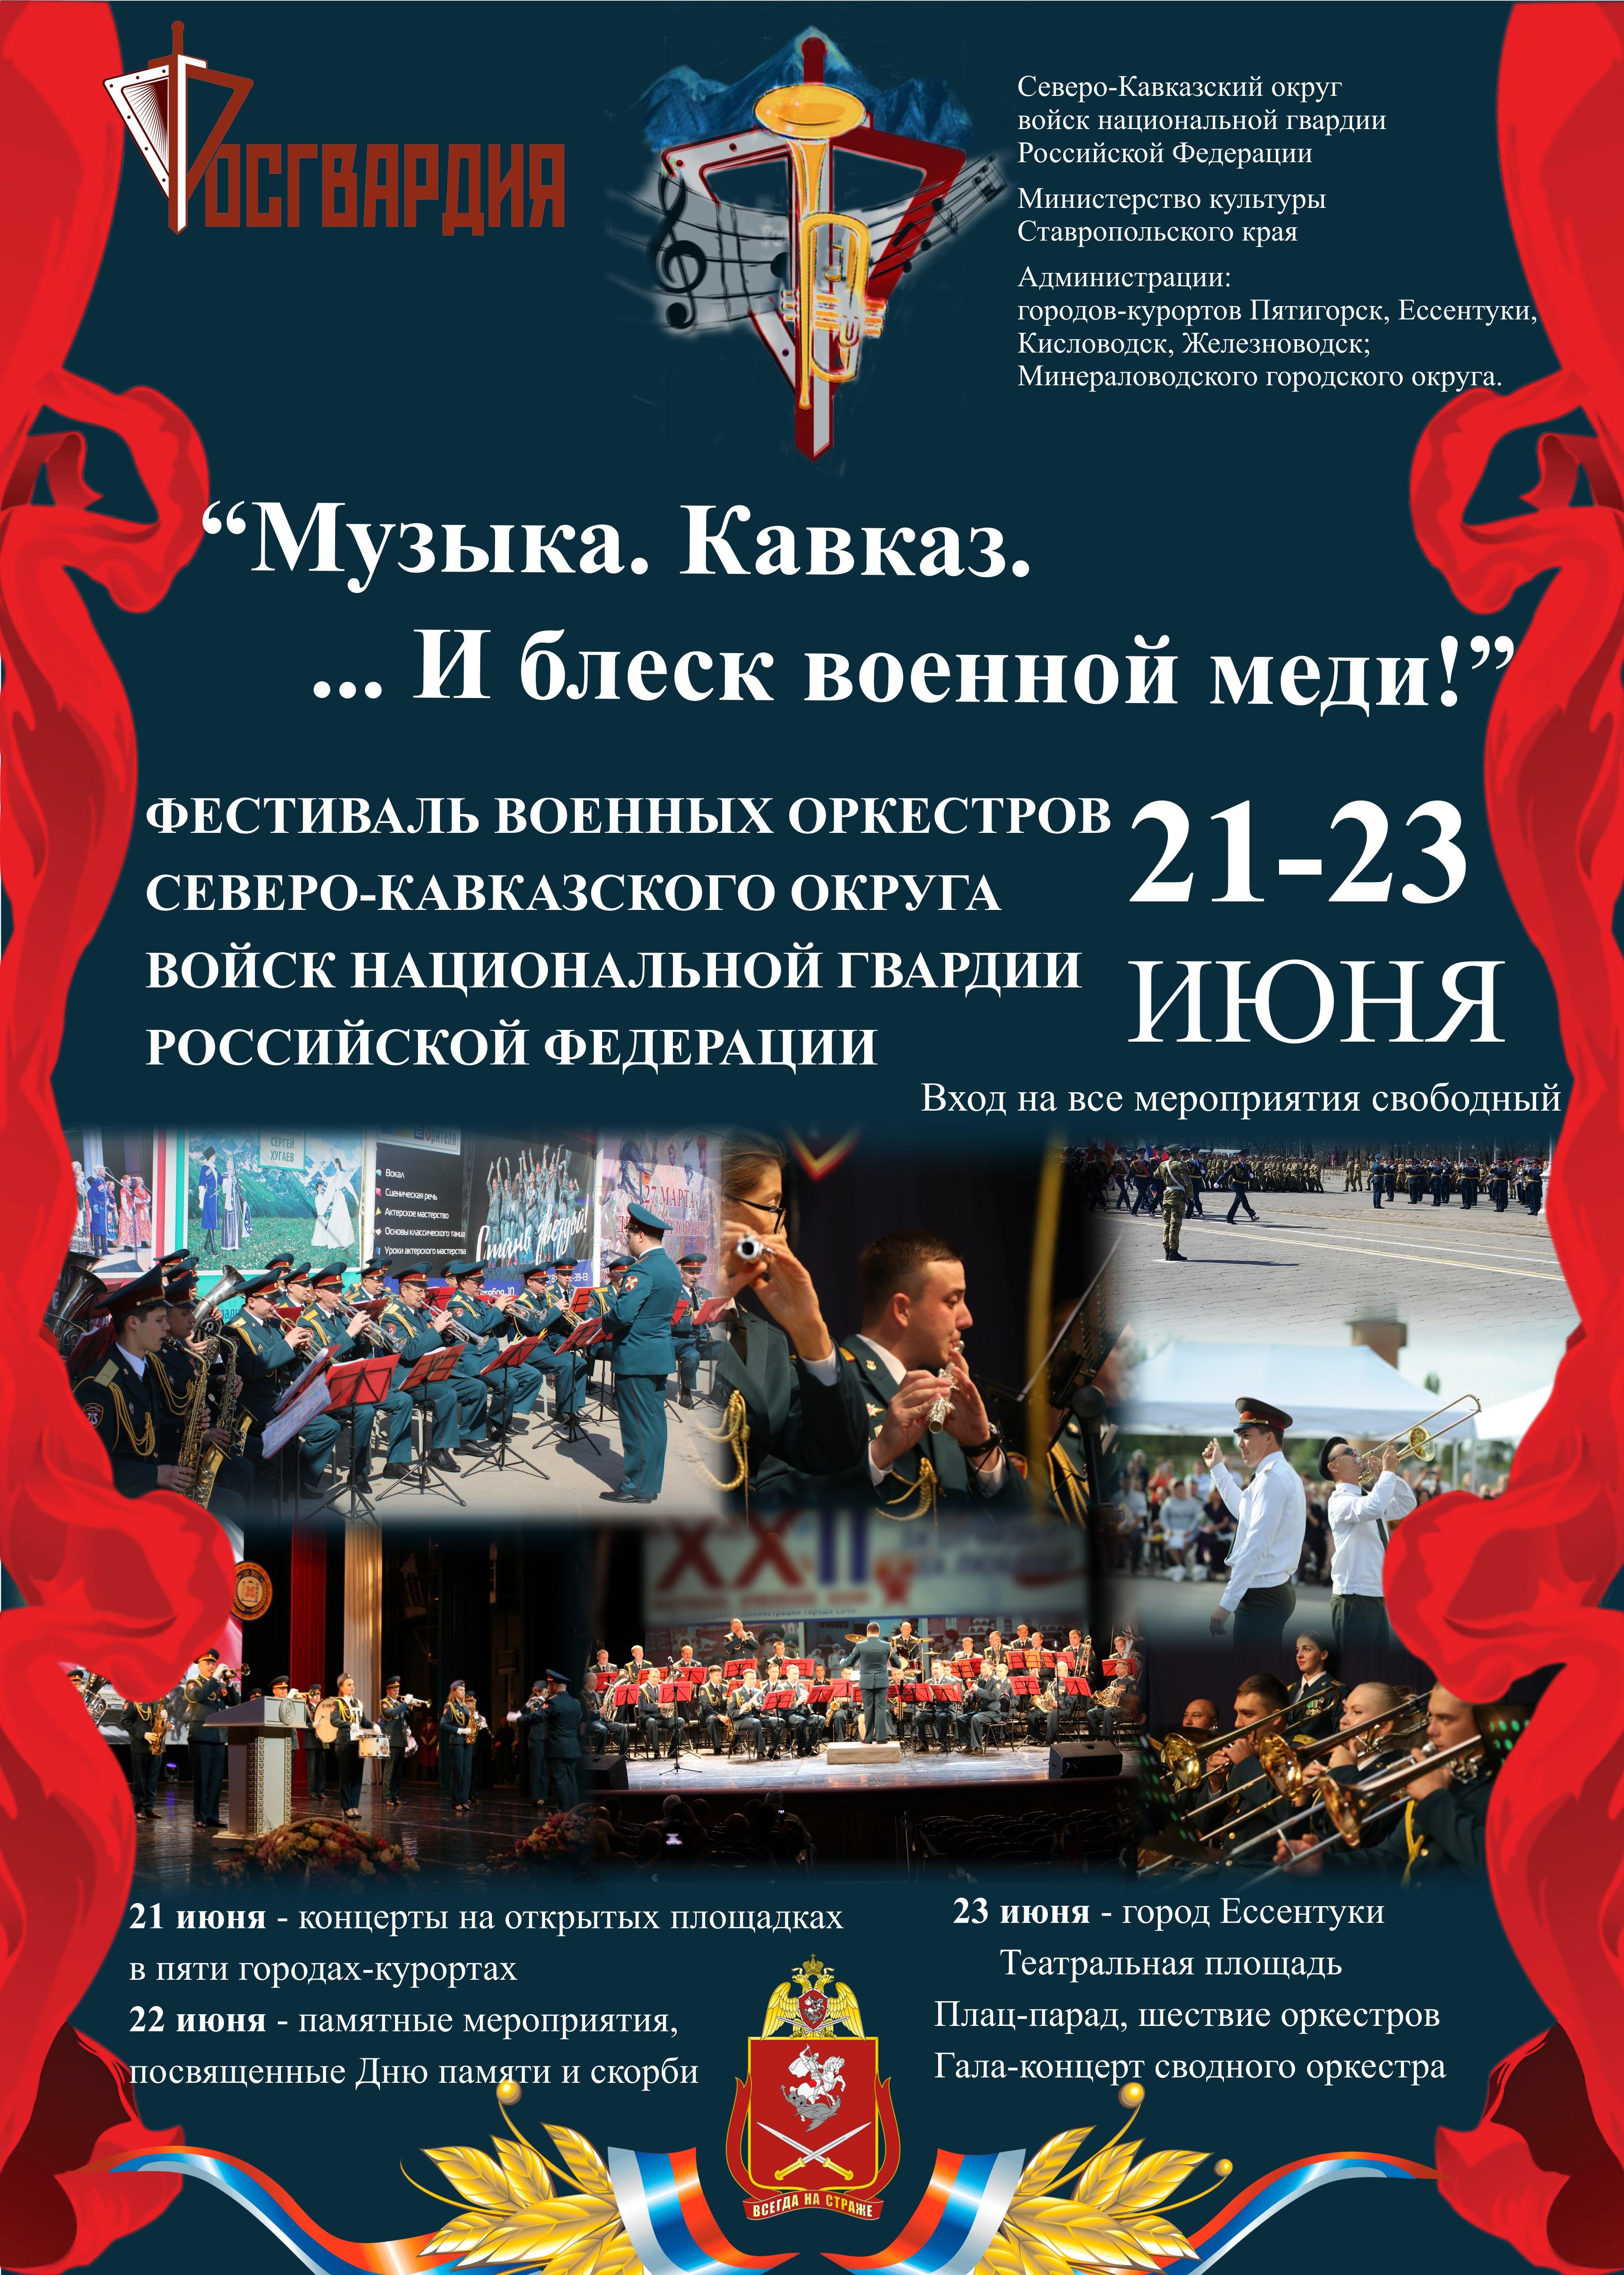 СТАВРОПОЛЬЕ. Ессентуки примут фестиваль военных оркестров